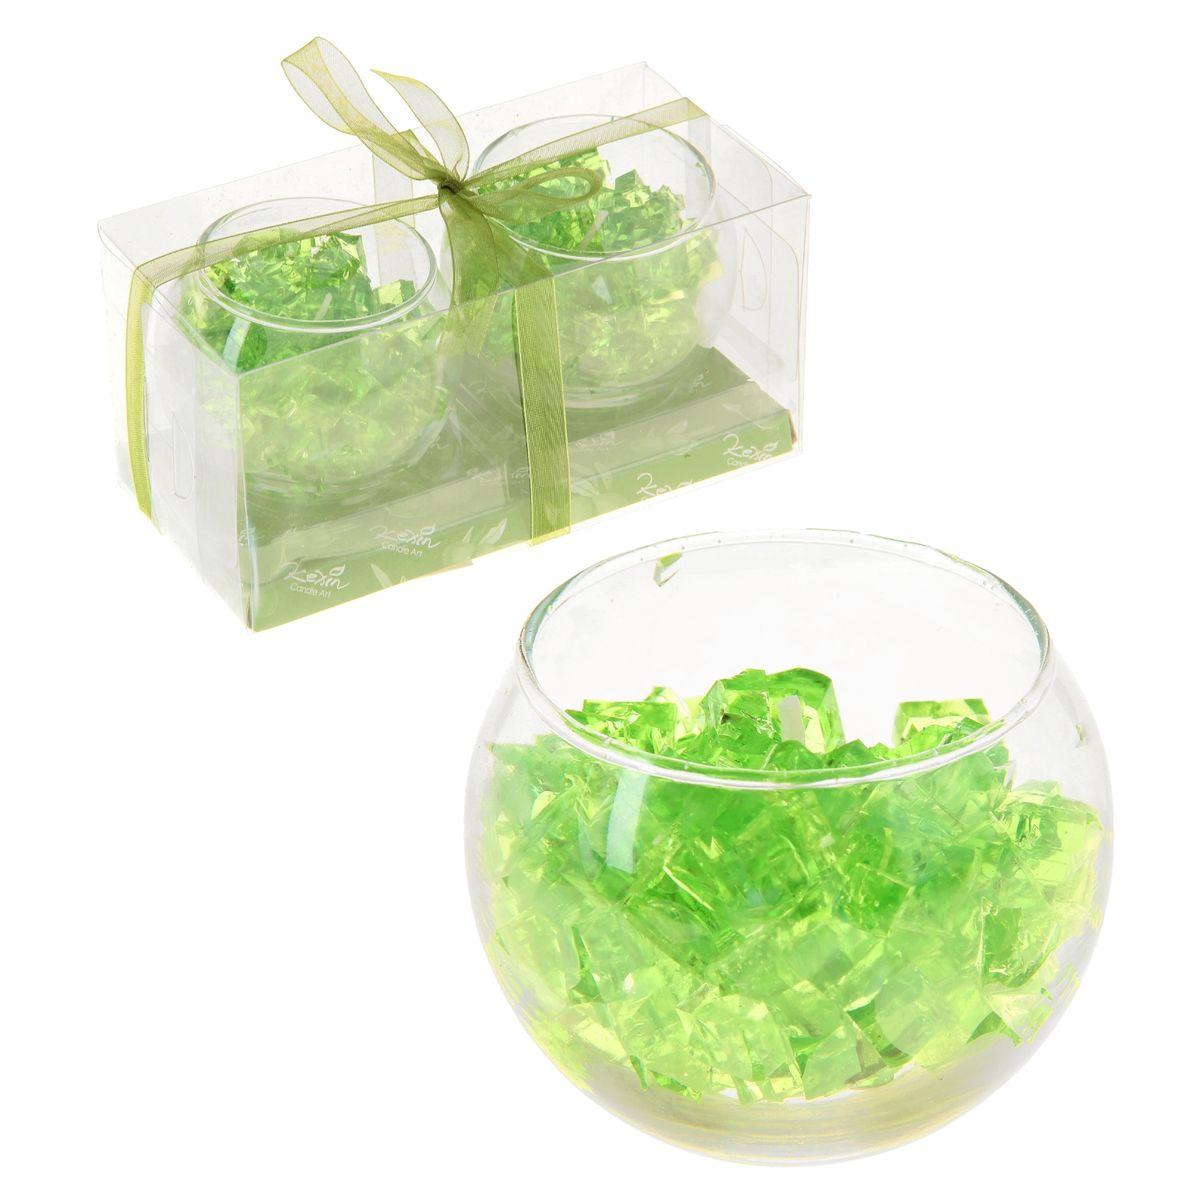 Набор свечей Sima-land Мармелад, цвет: зеленый, 2 шт895602Набор Sima-land Мармелад. Зеленое яблоко, выполненный из геля, состоит из двух декоративных свечей. Свечи расположены в стеклянных бокалах. Изделия порадуют вас своим дизайном и приятным ароматом яблока. Такой набор может стать отличным подарком или дополнить интерьер вашей комнаты.